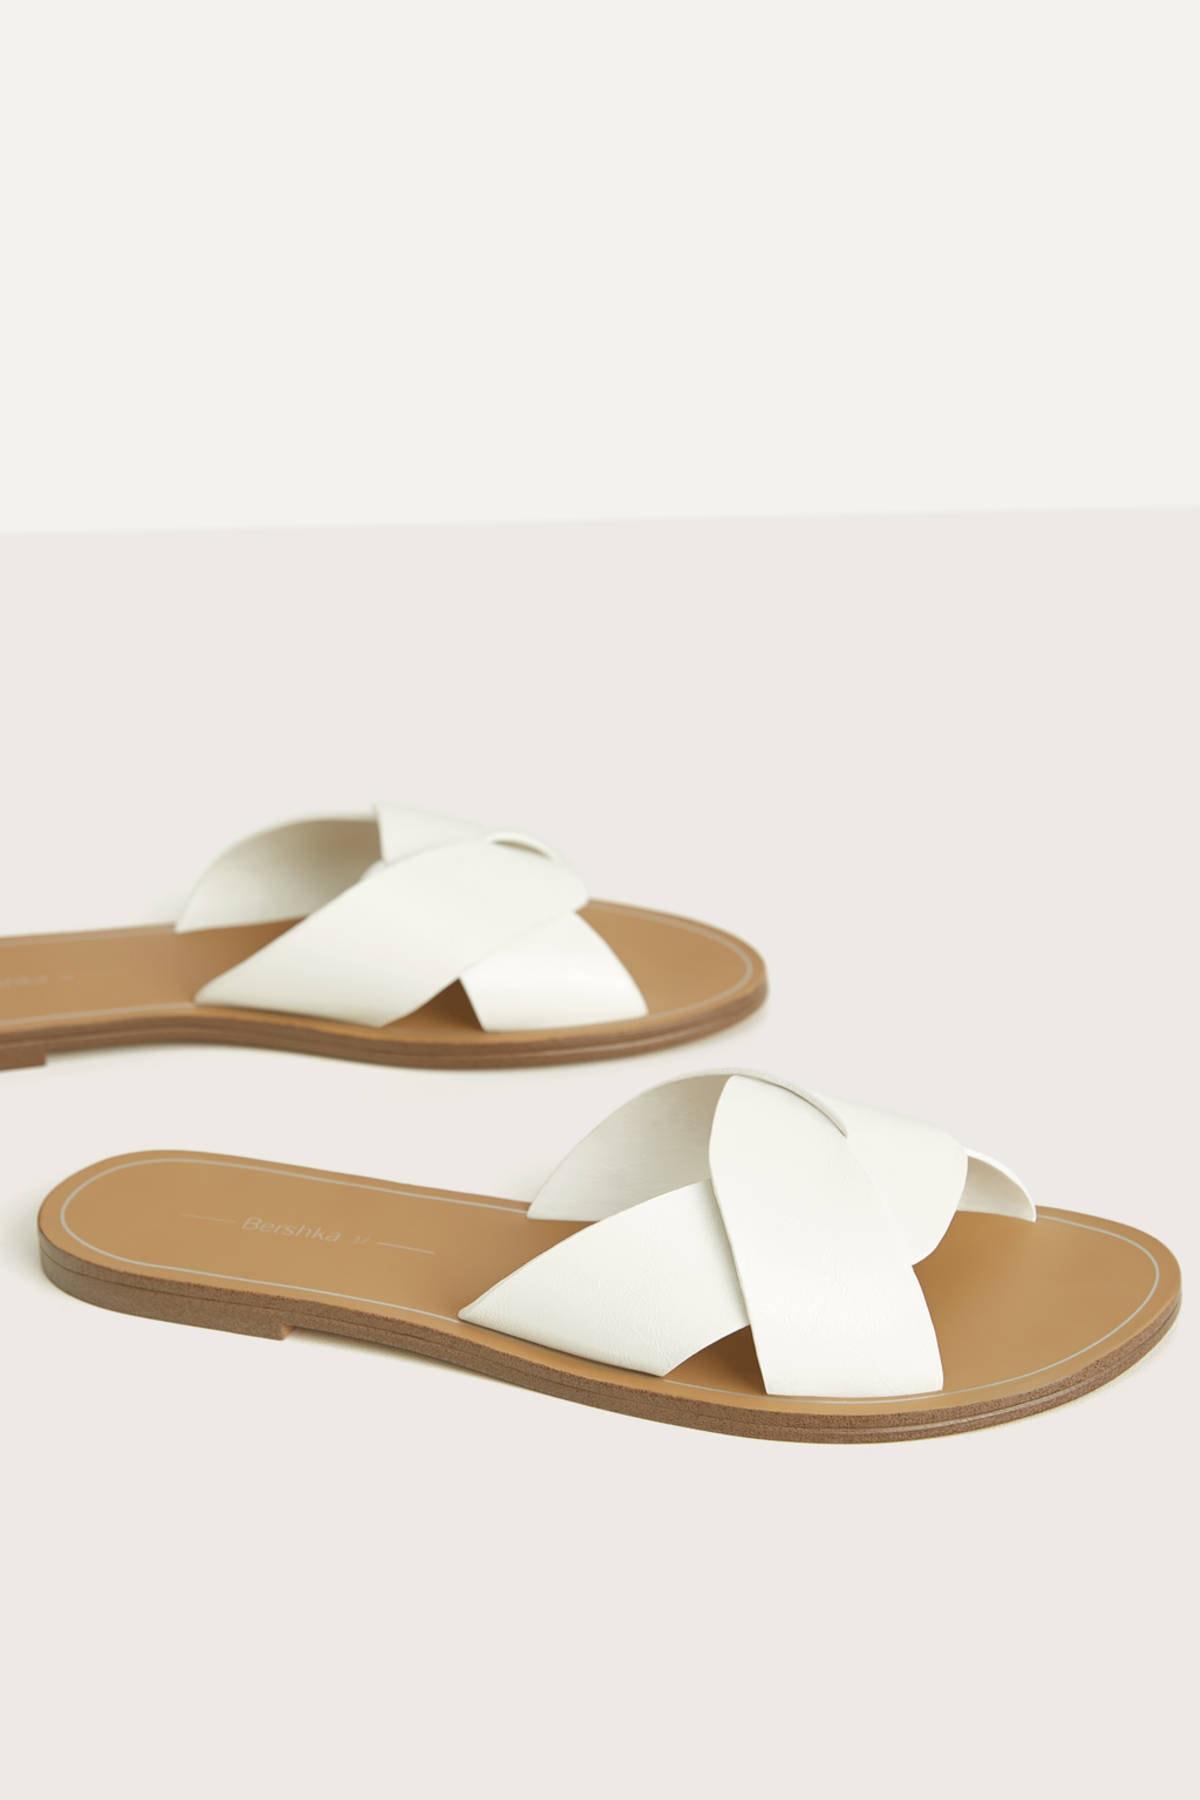 Bershka Kadın Beyaz Çapraz Bantlı Düz Sandalet 11800561 0